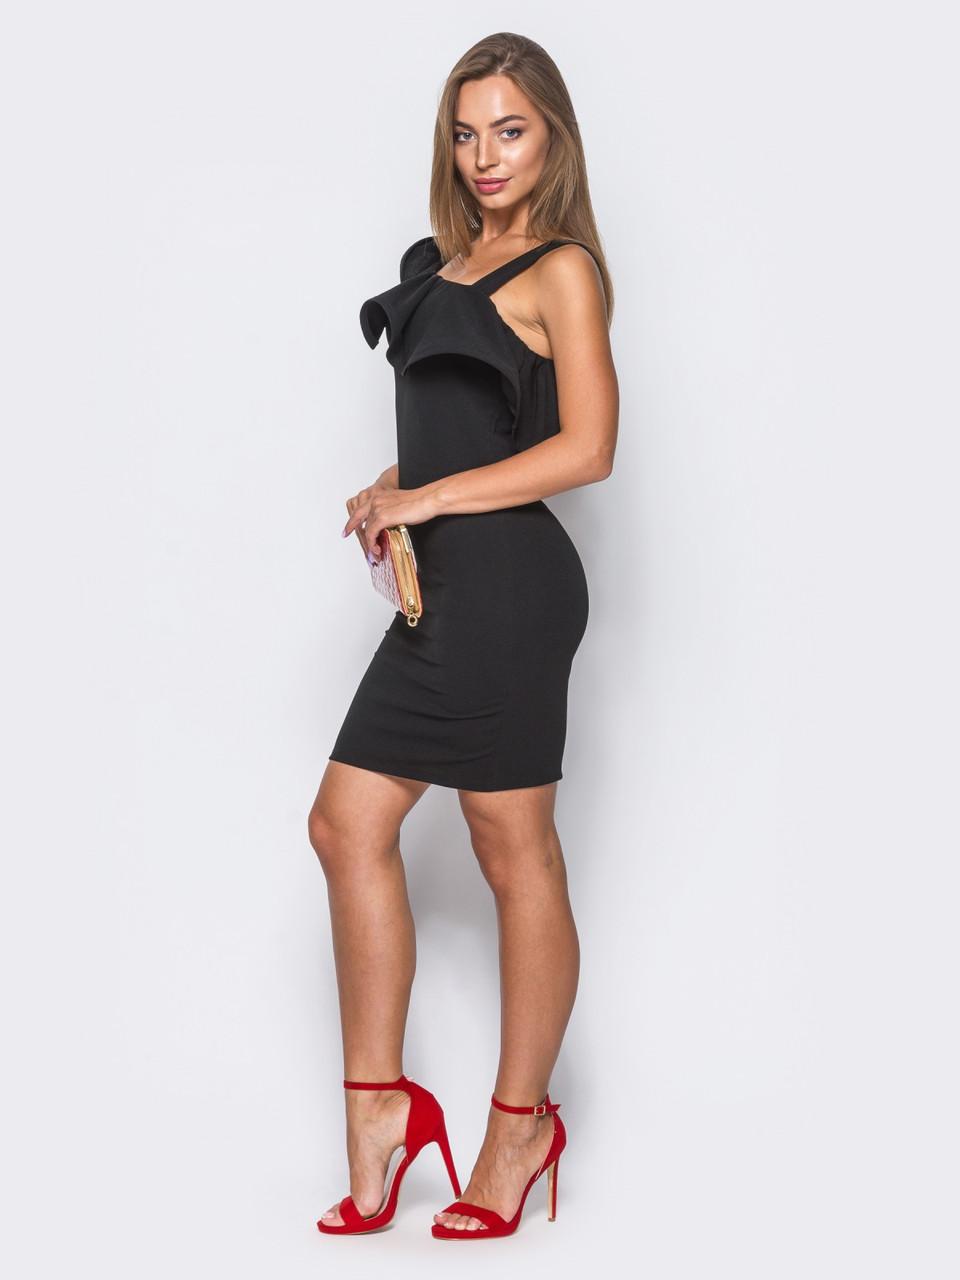 49f1daa0120d5f Витончене коктейльне плаття з бретелей на одне плече чорний розмір  42,44,46,48, цена 615 грн., купить Івано-Франківськ — Prom.ua (ID#705993476)